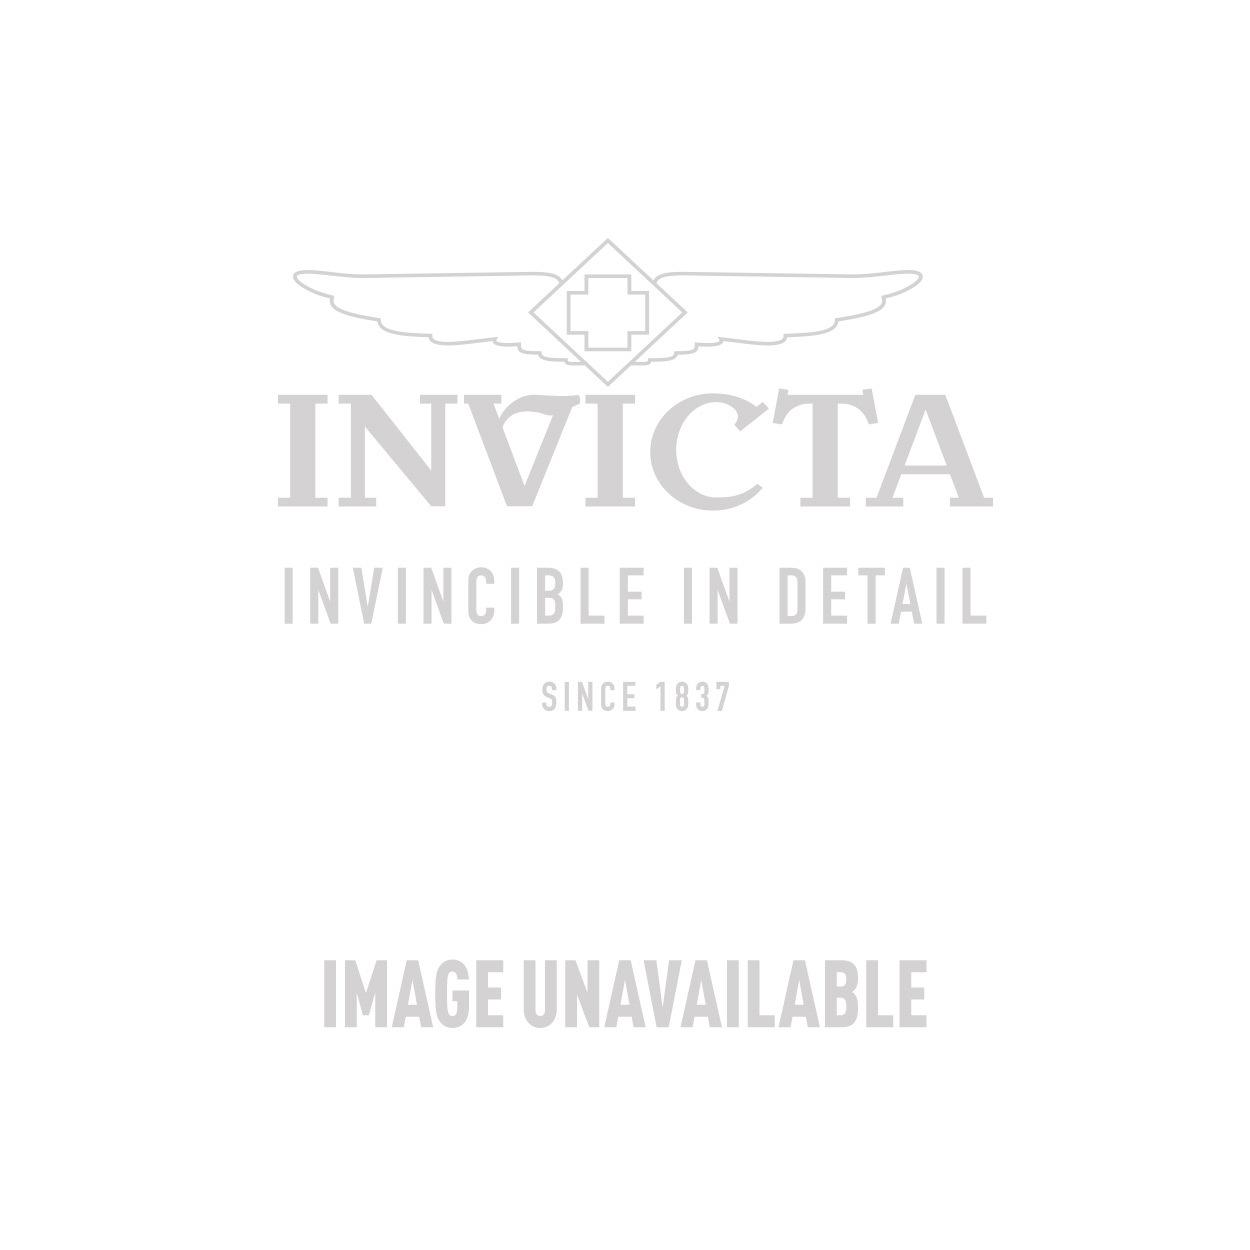 Invicta Model 29632